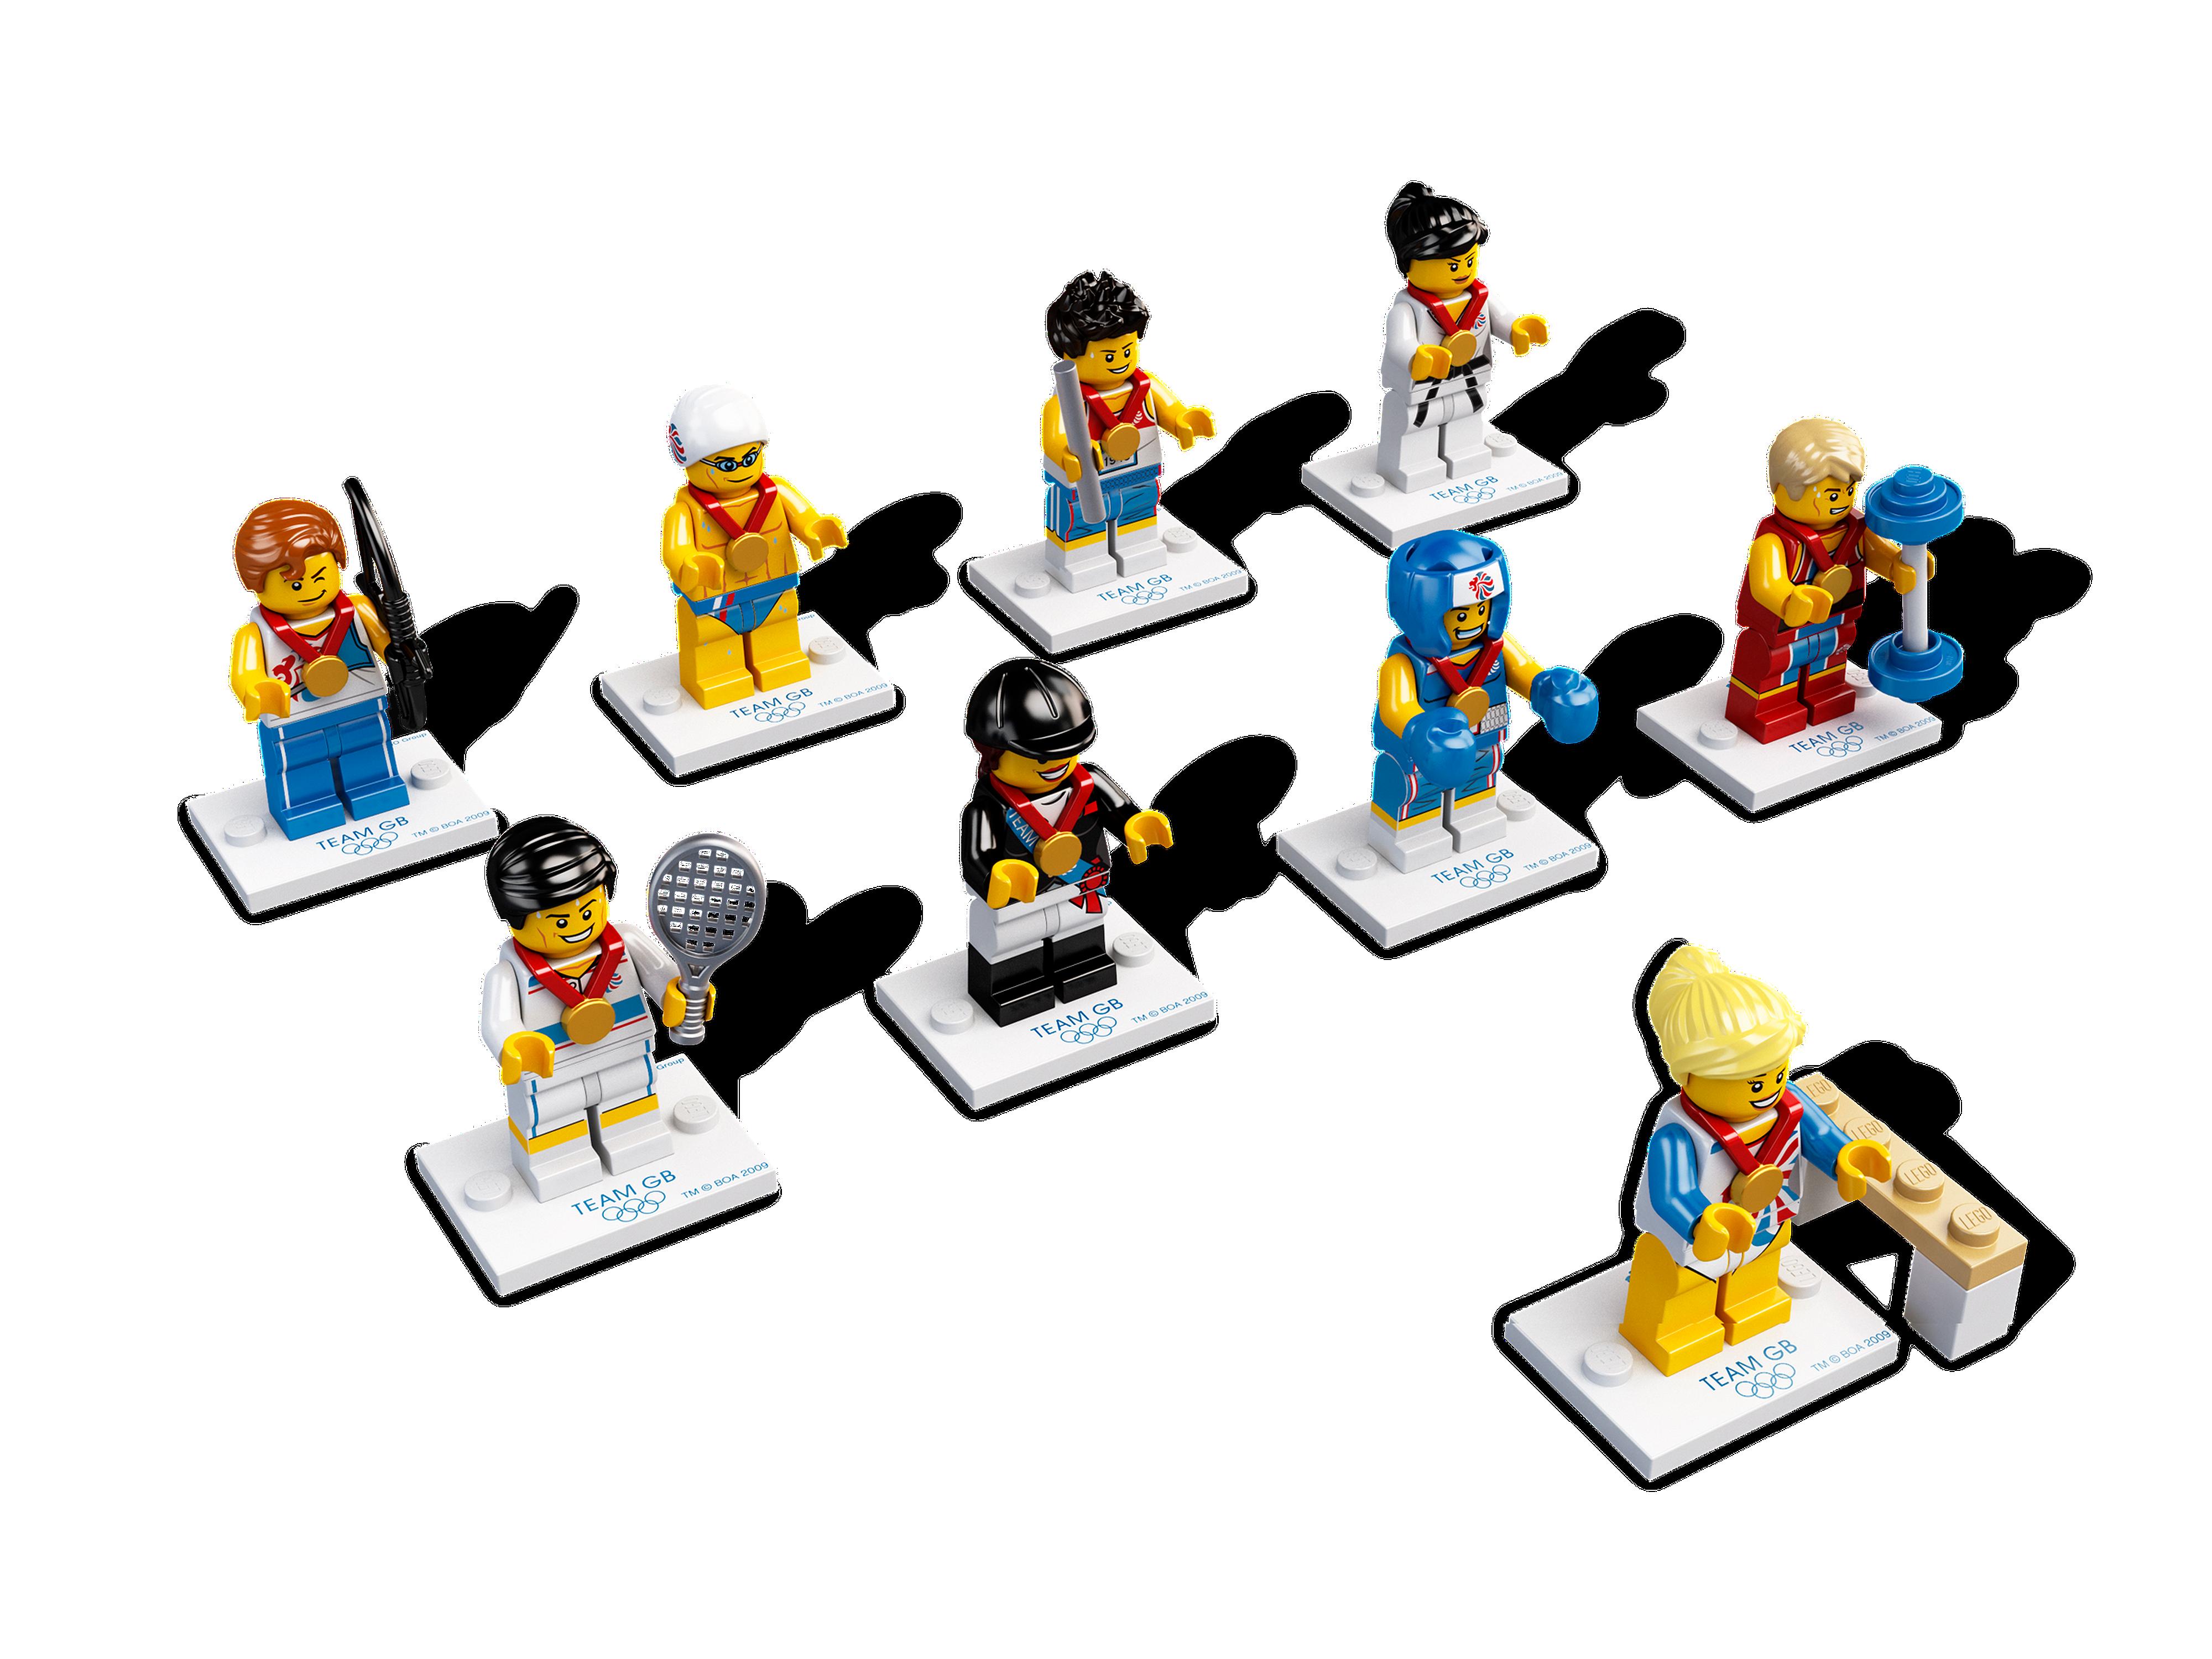 Team GB Minifigures